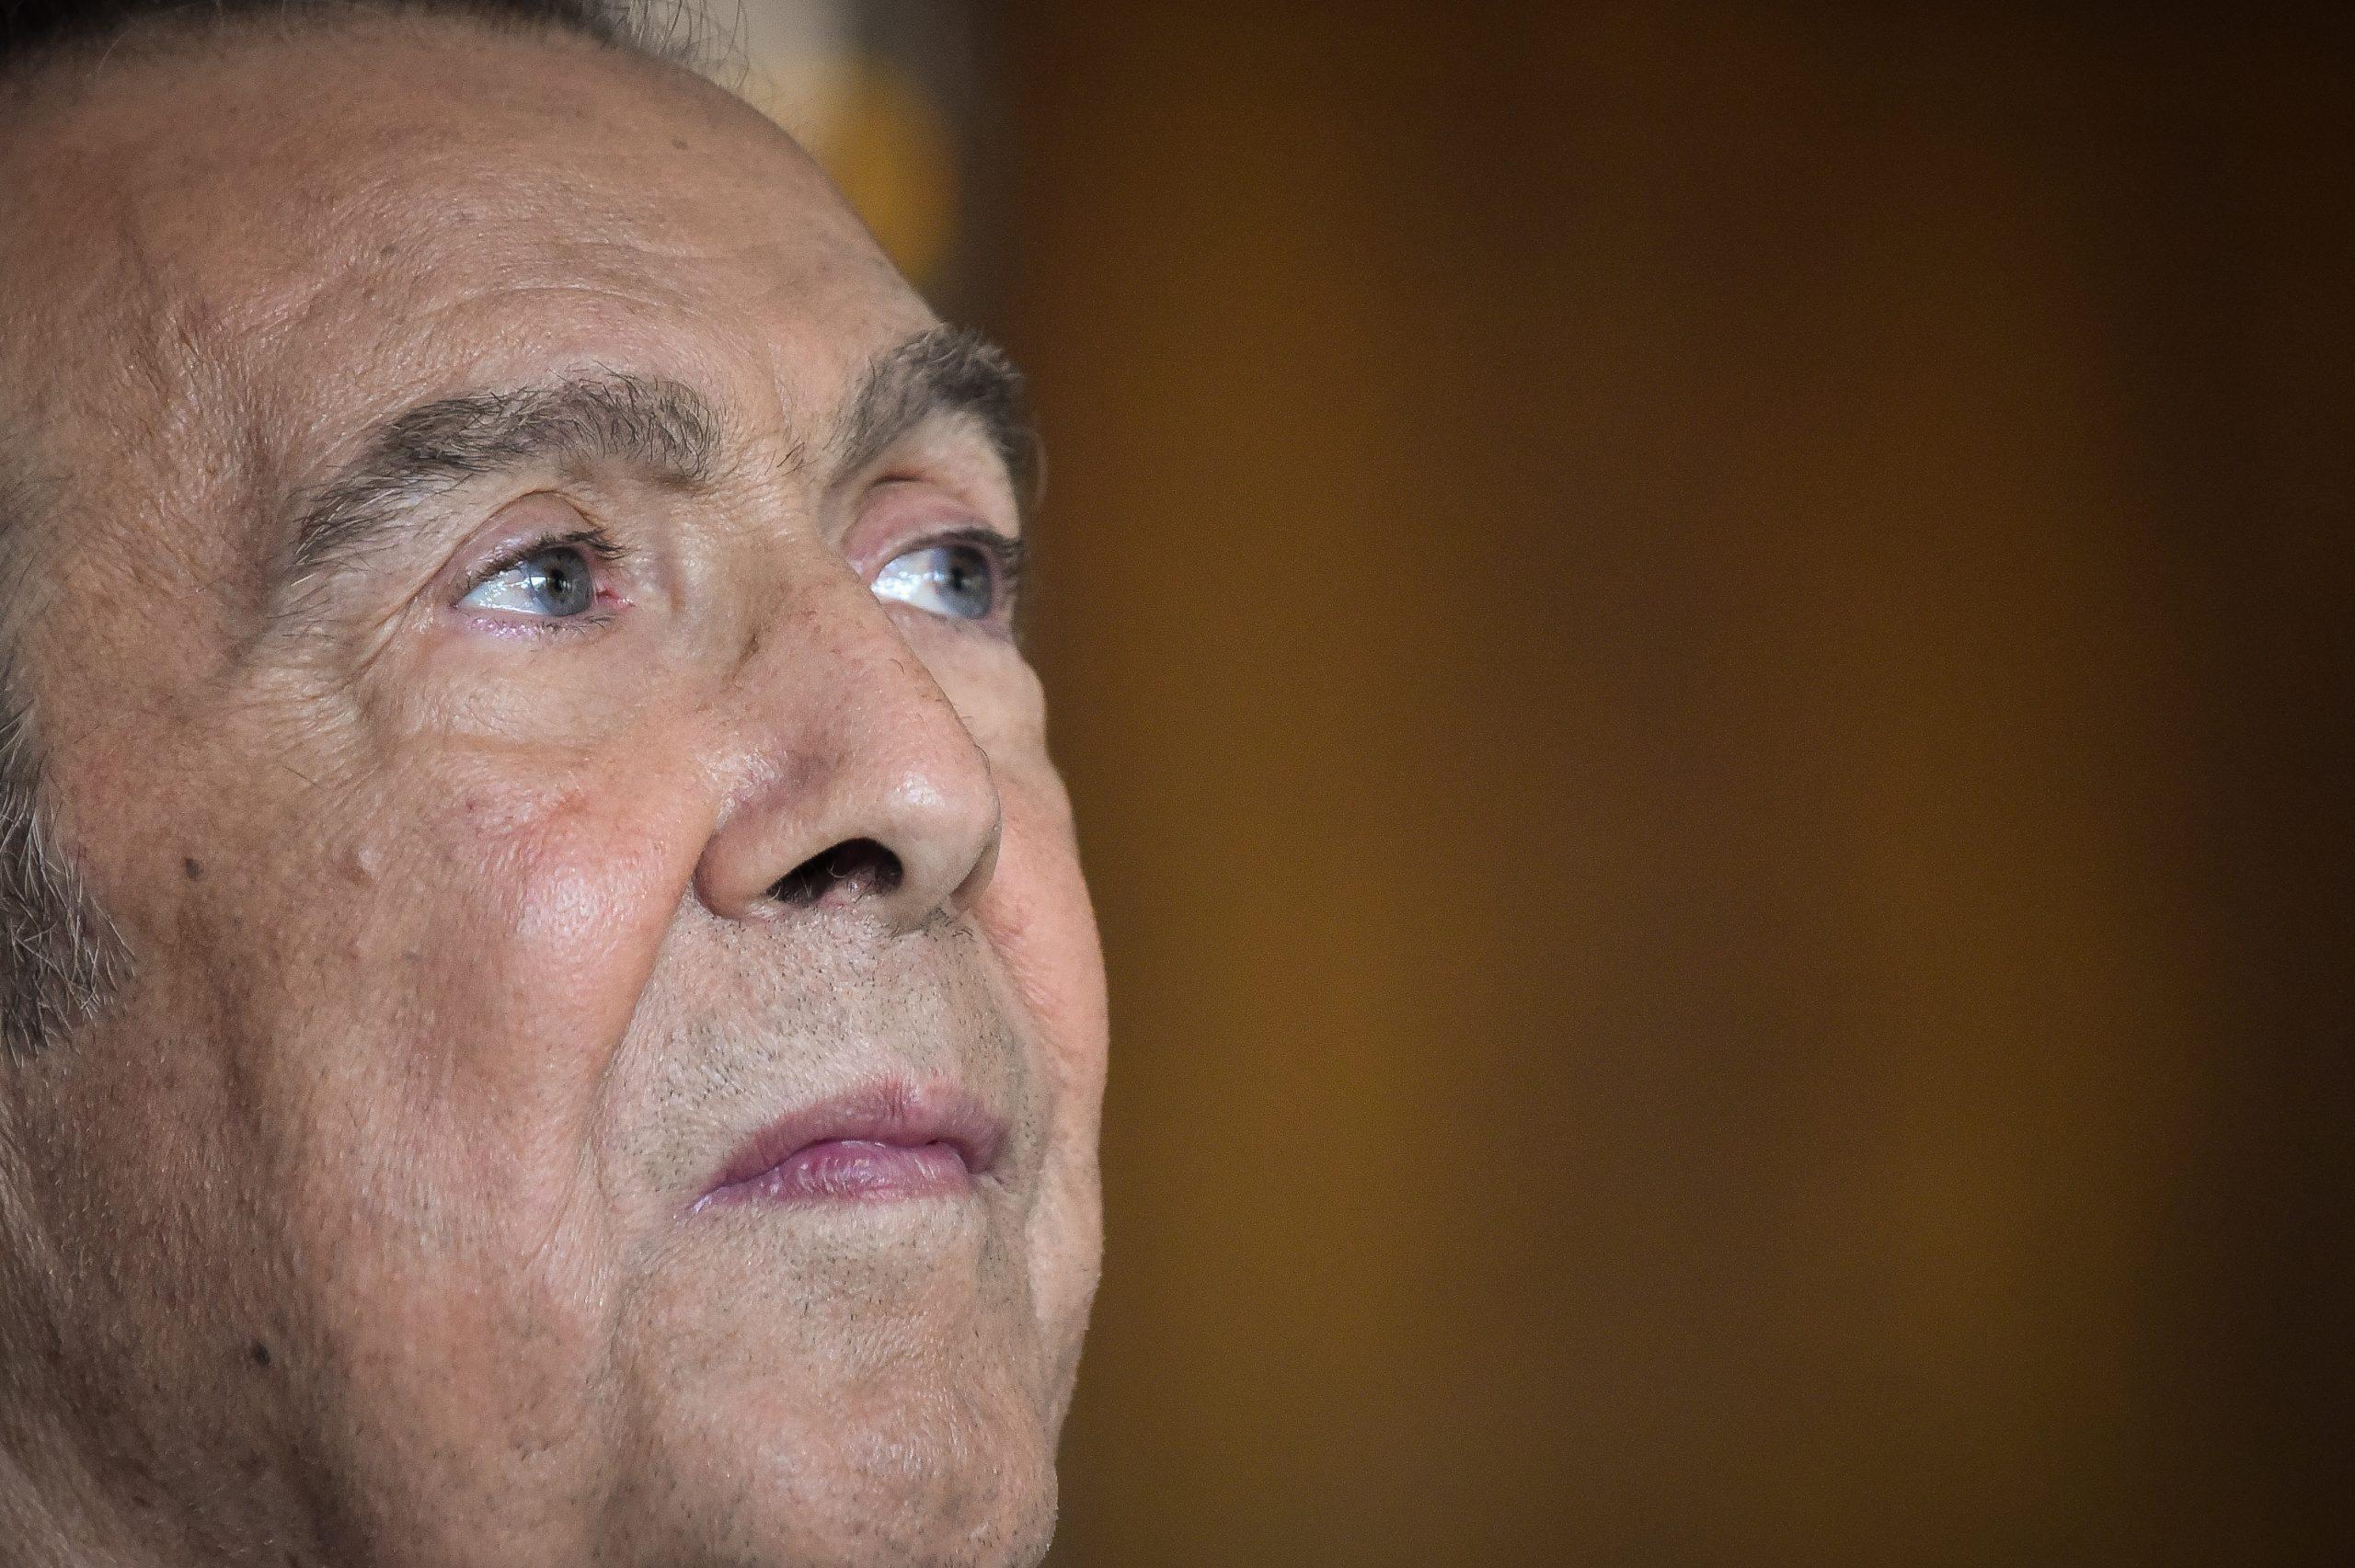 Πέθανε ο Τόλης Βοσκόπουλος – Θρήνος για τον καλλιτέχνη που έγραψε το όνομά του με «χρυσά» γράμματα